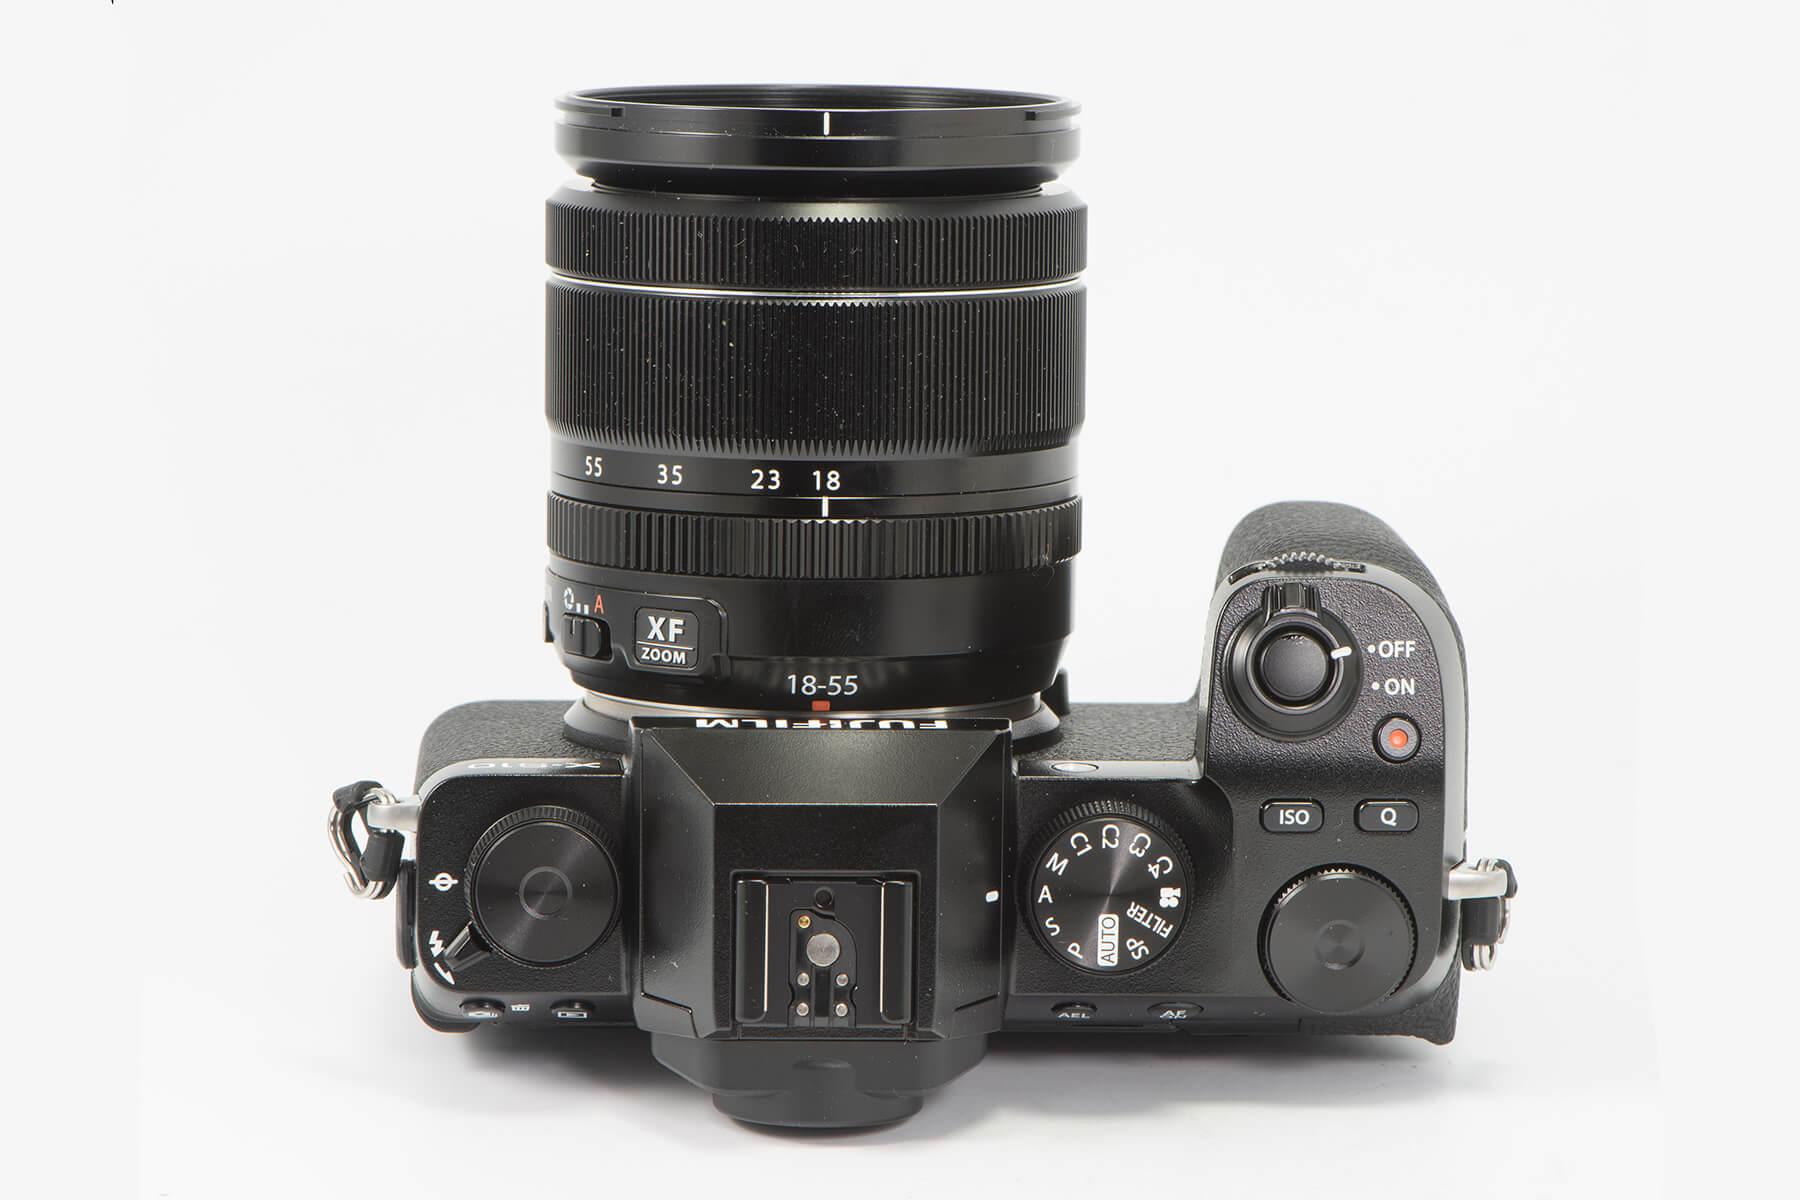 Fujifilm X-S10 top